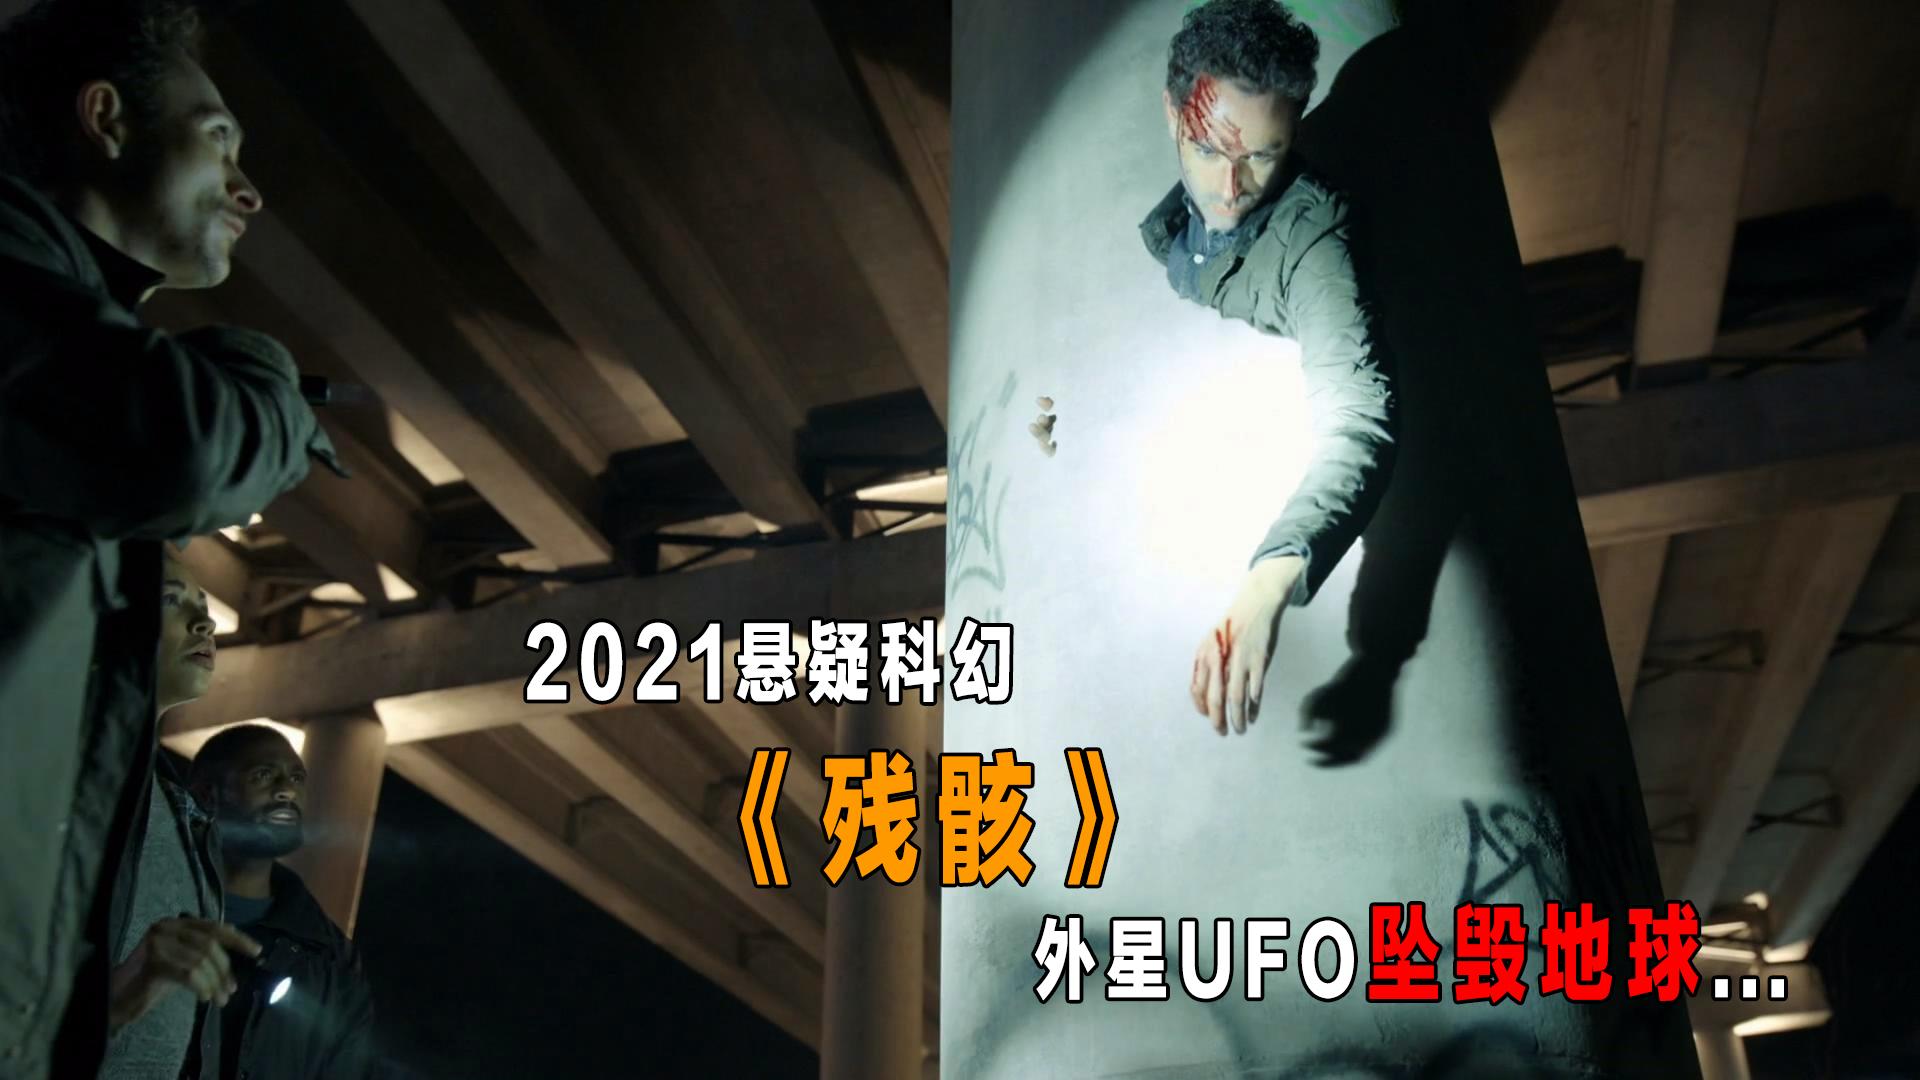 2021悬疑科幻《残骸》第一季大结局!